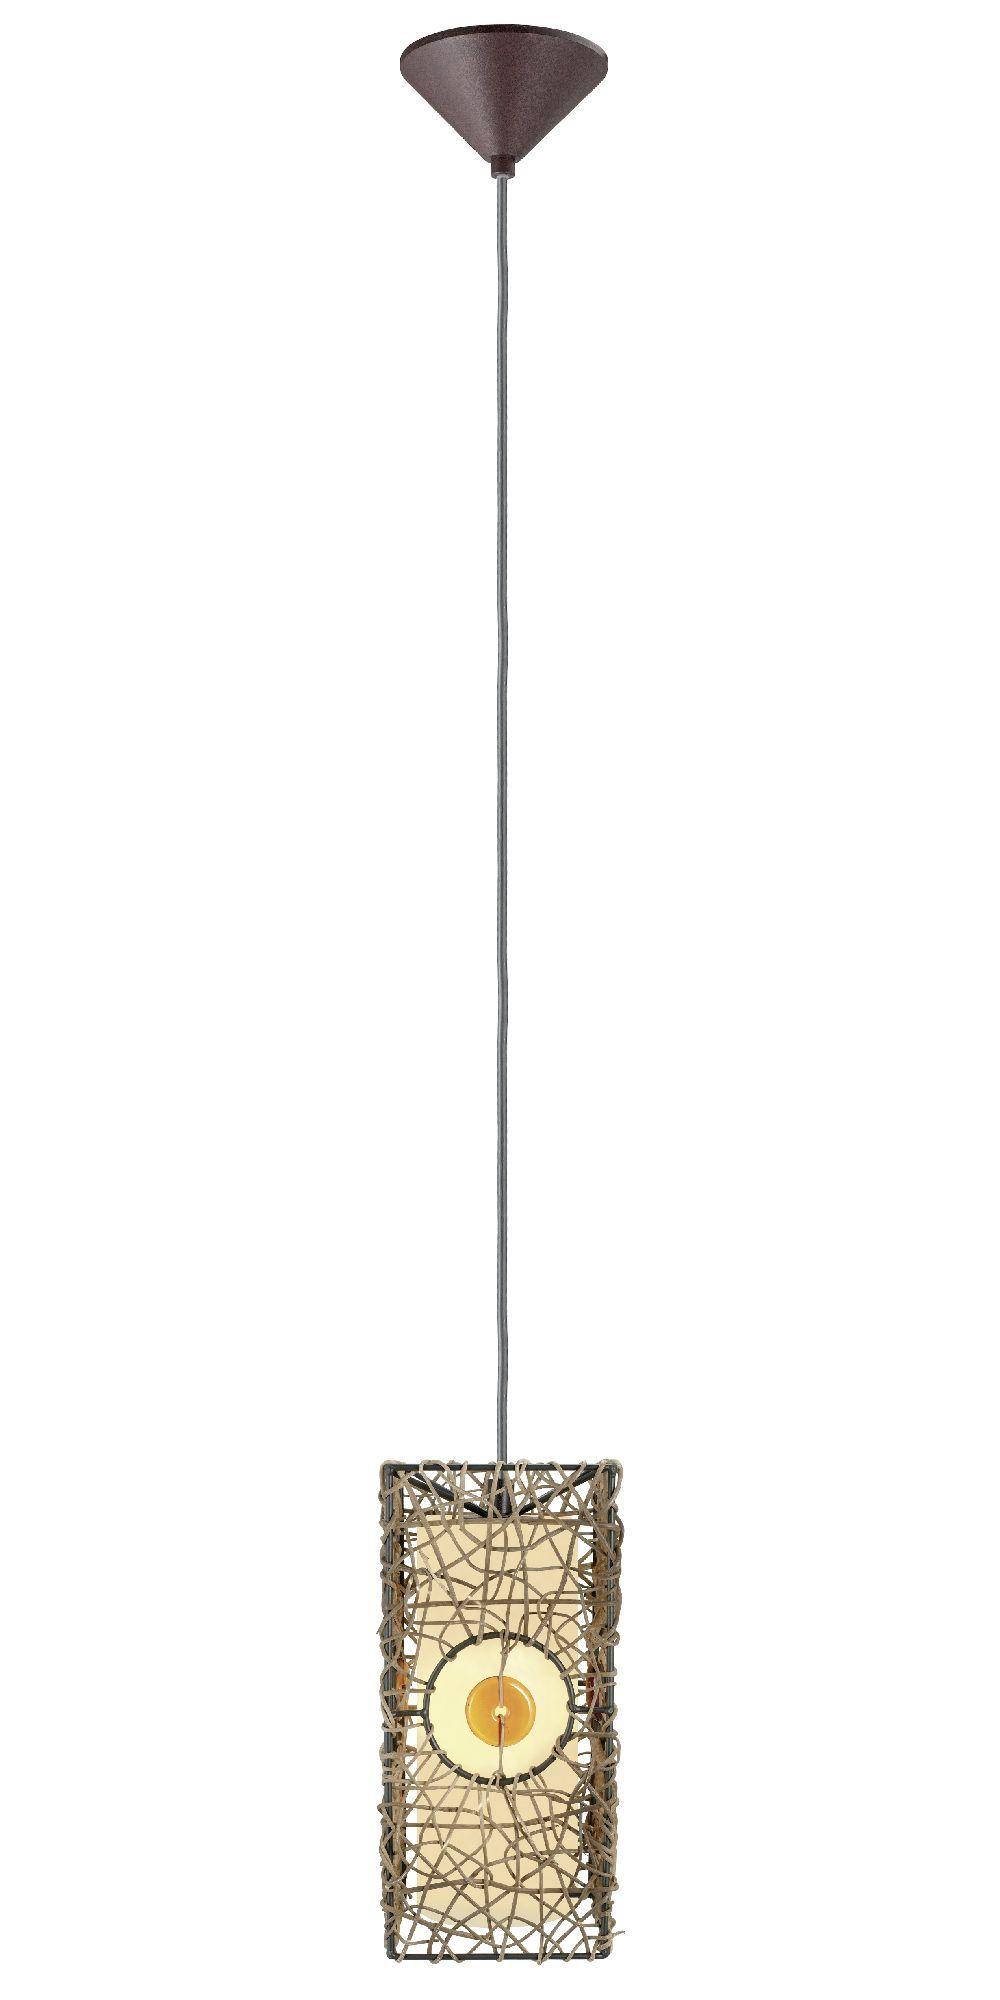 eglo verlichting 93859 led lampen. Black Bedroom Furniture Sets. Home Design Ideas